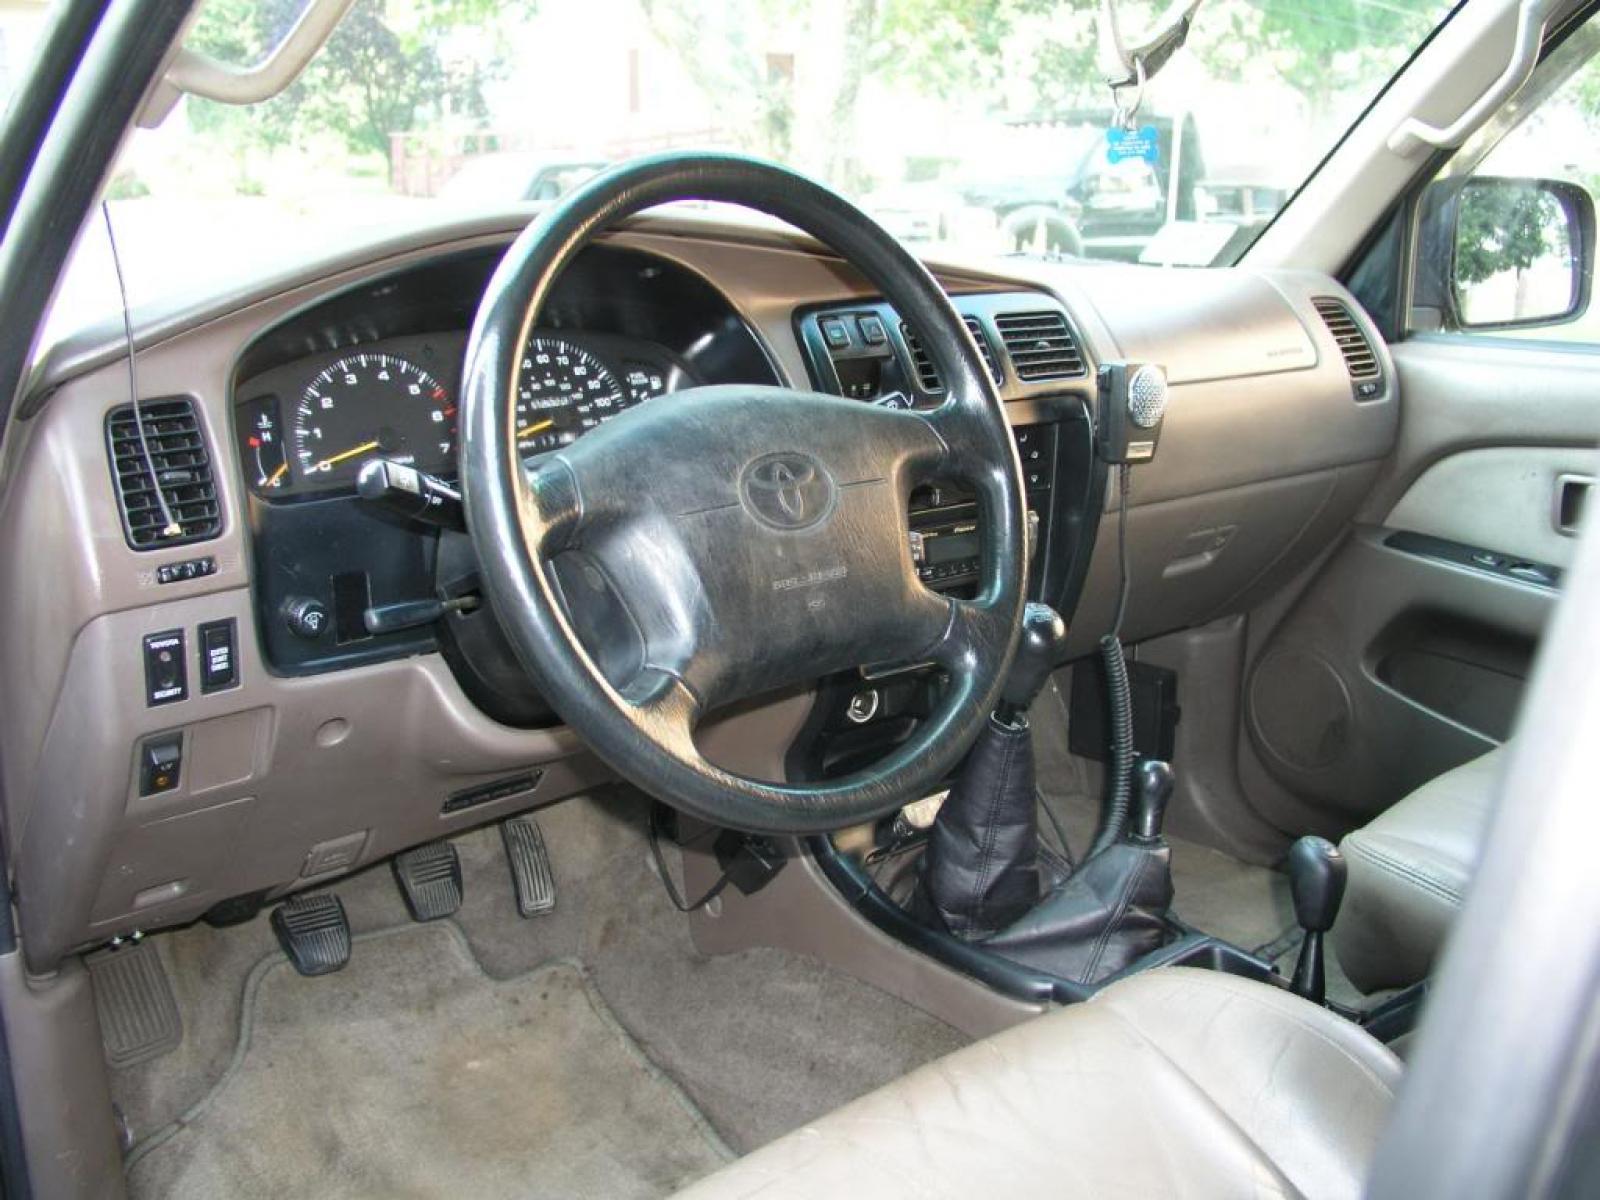 800 1024 1280 1600 origin 1998 Toyota ...